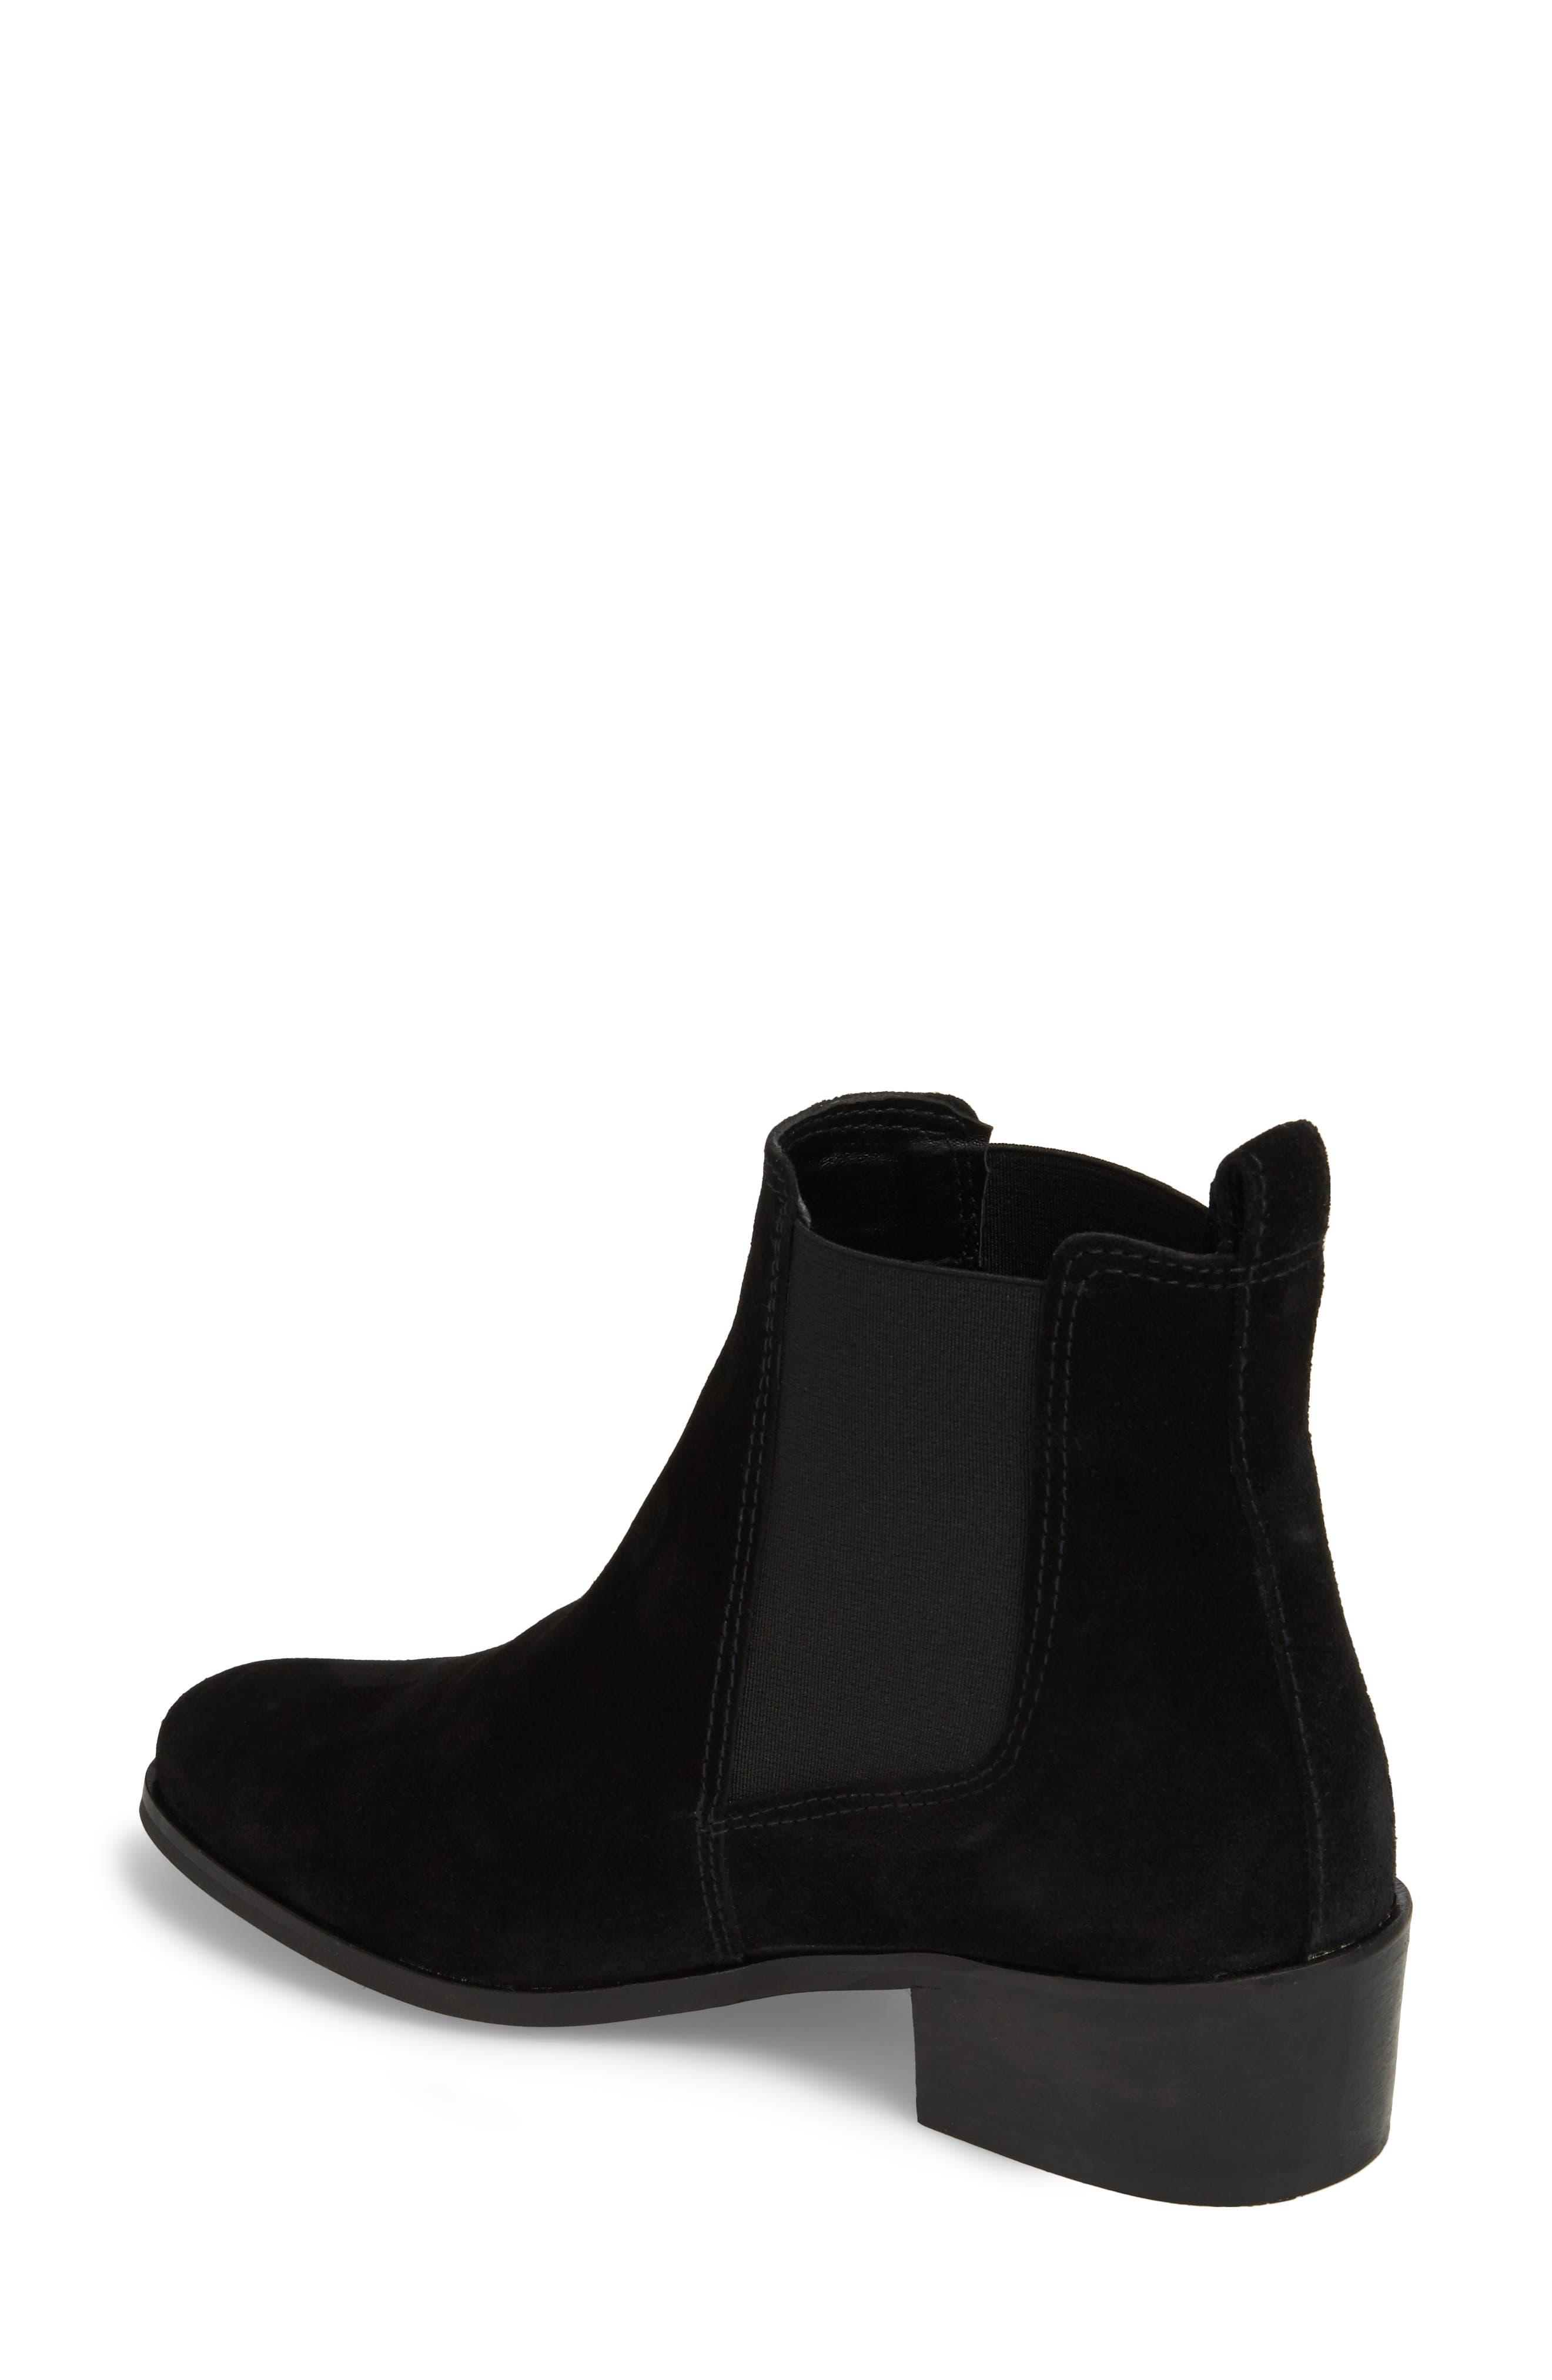 35e340e1b4e Steve Madden Boots for Women